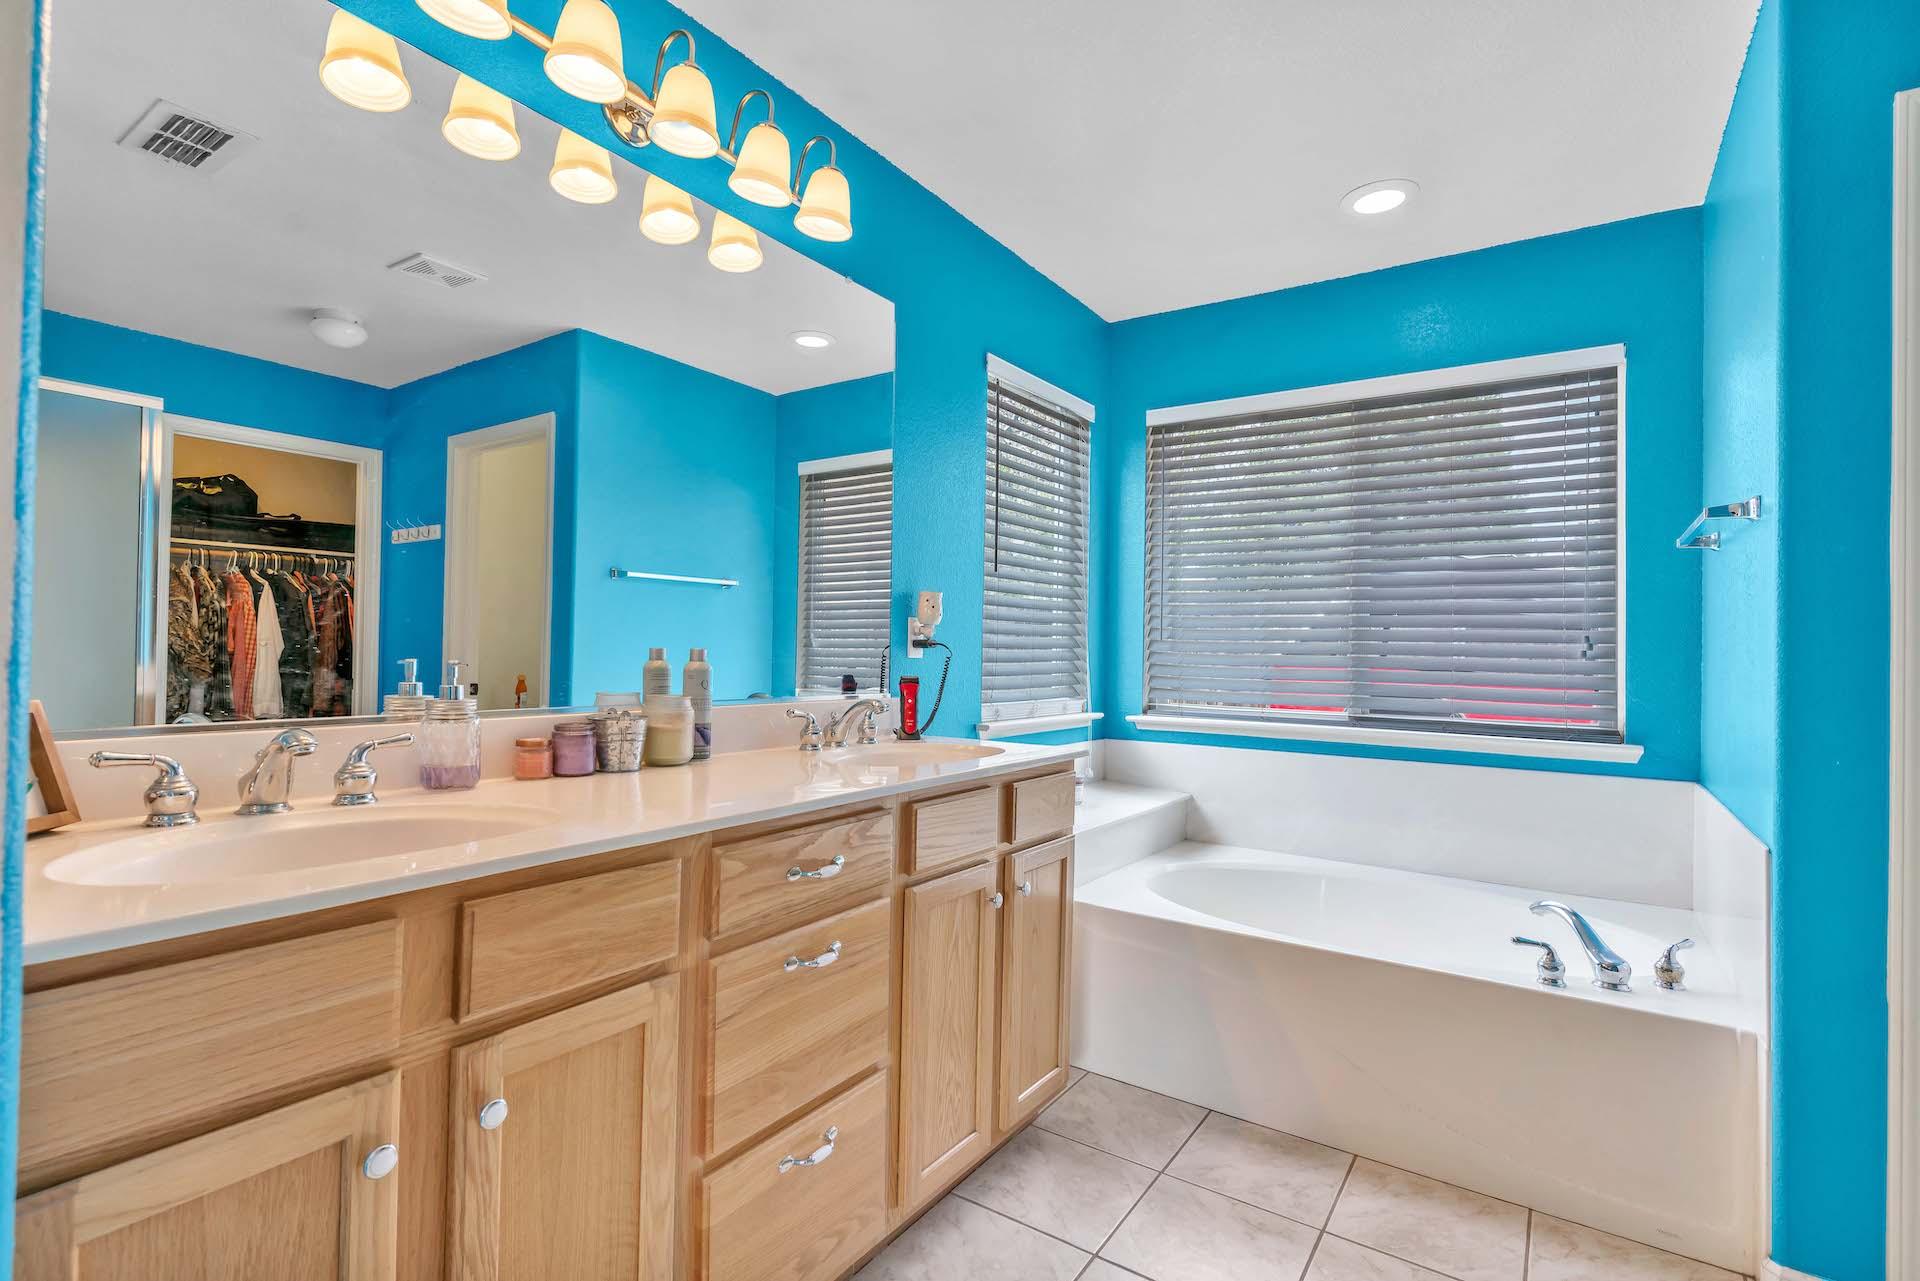 157 Clydesdale Way, Roseville, Ca | Master Bathroom | Roseville Real Estate Agent